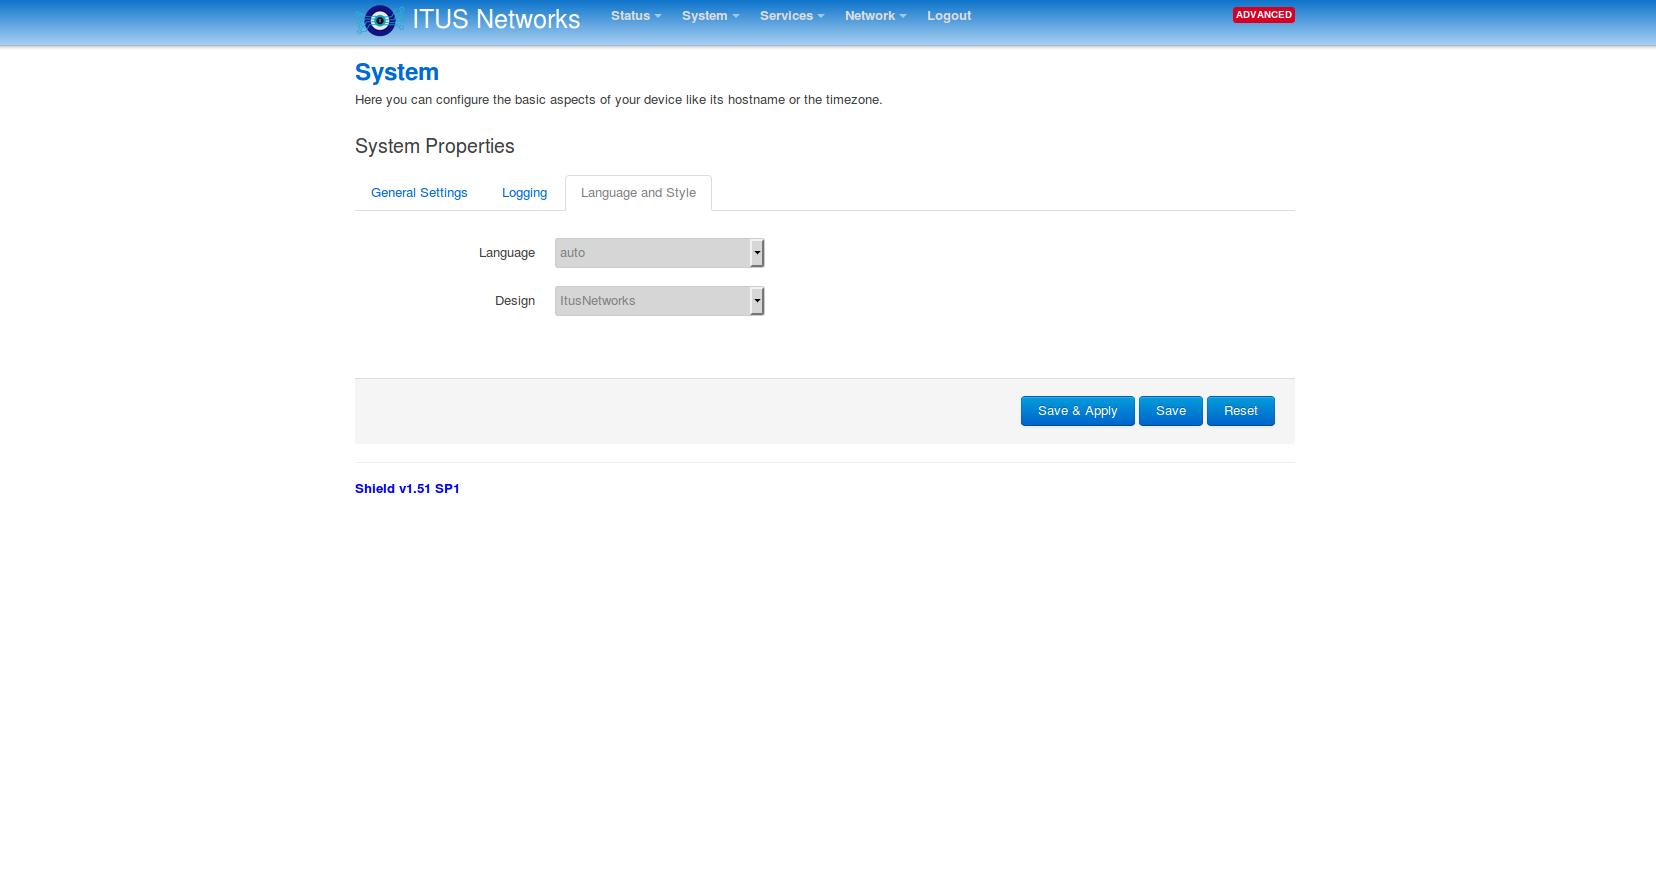 Customizations - LuCI Themes